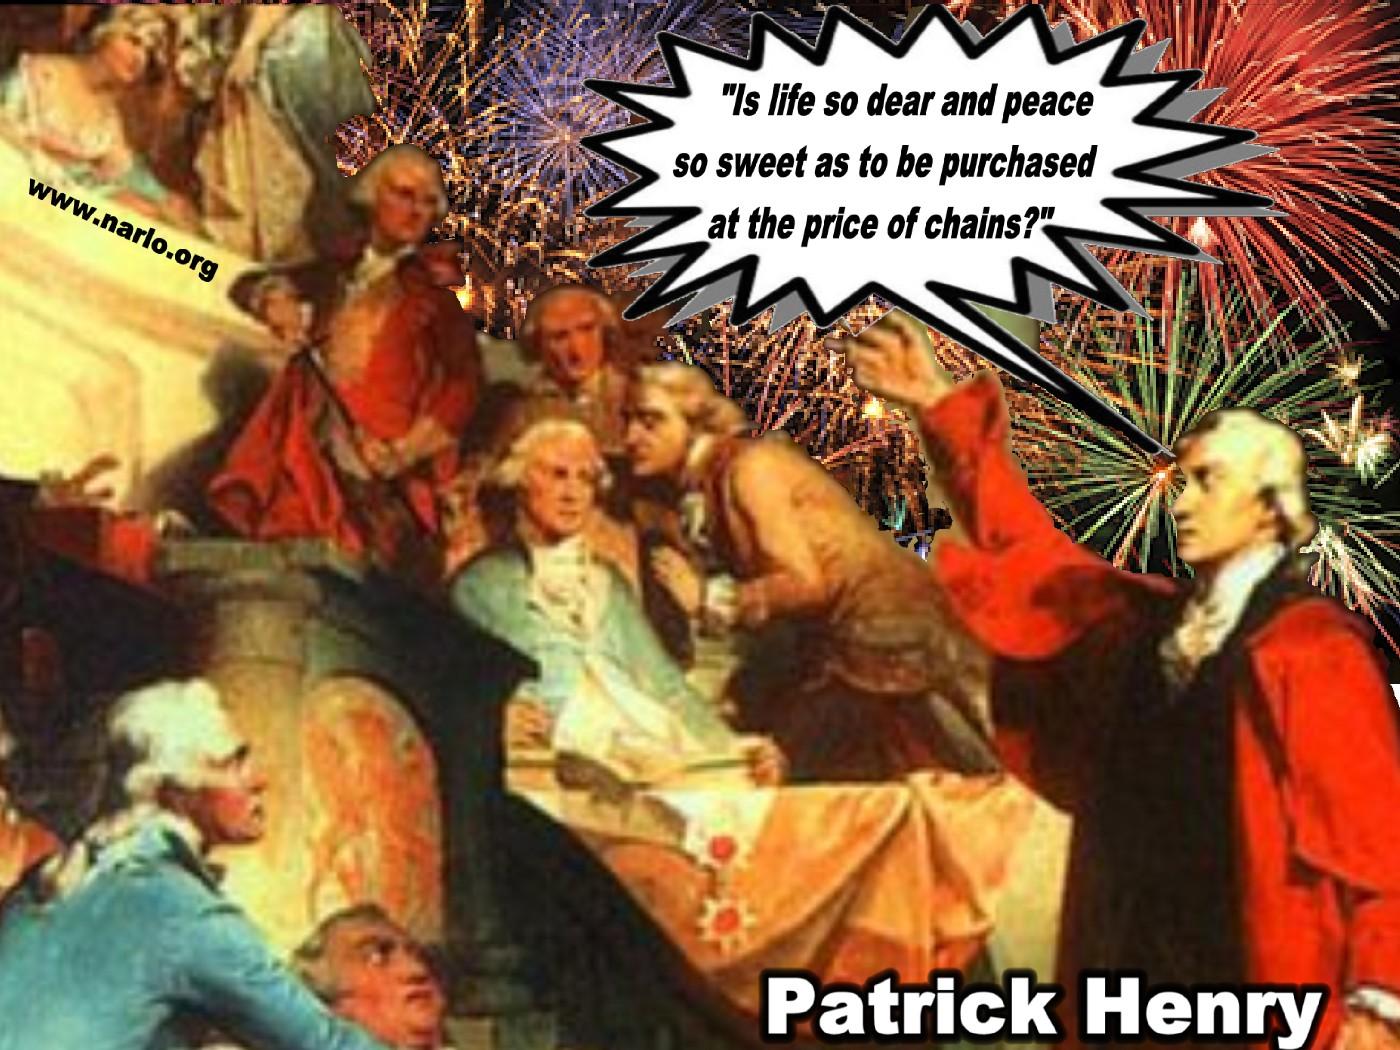 Patrick Henry=